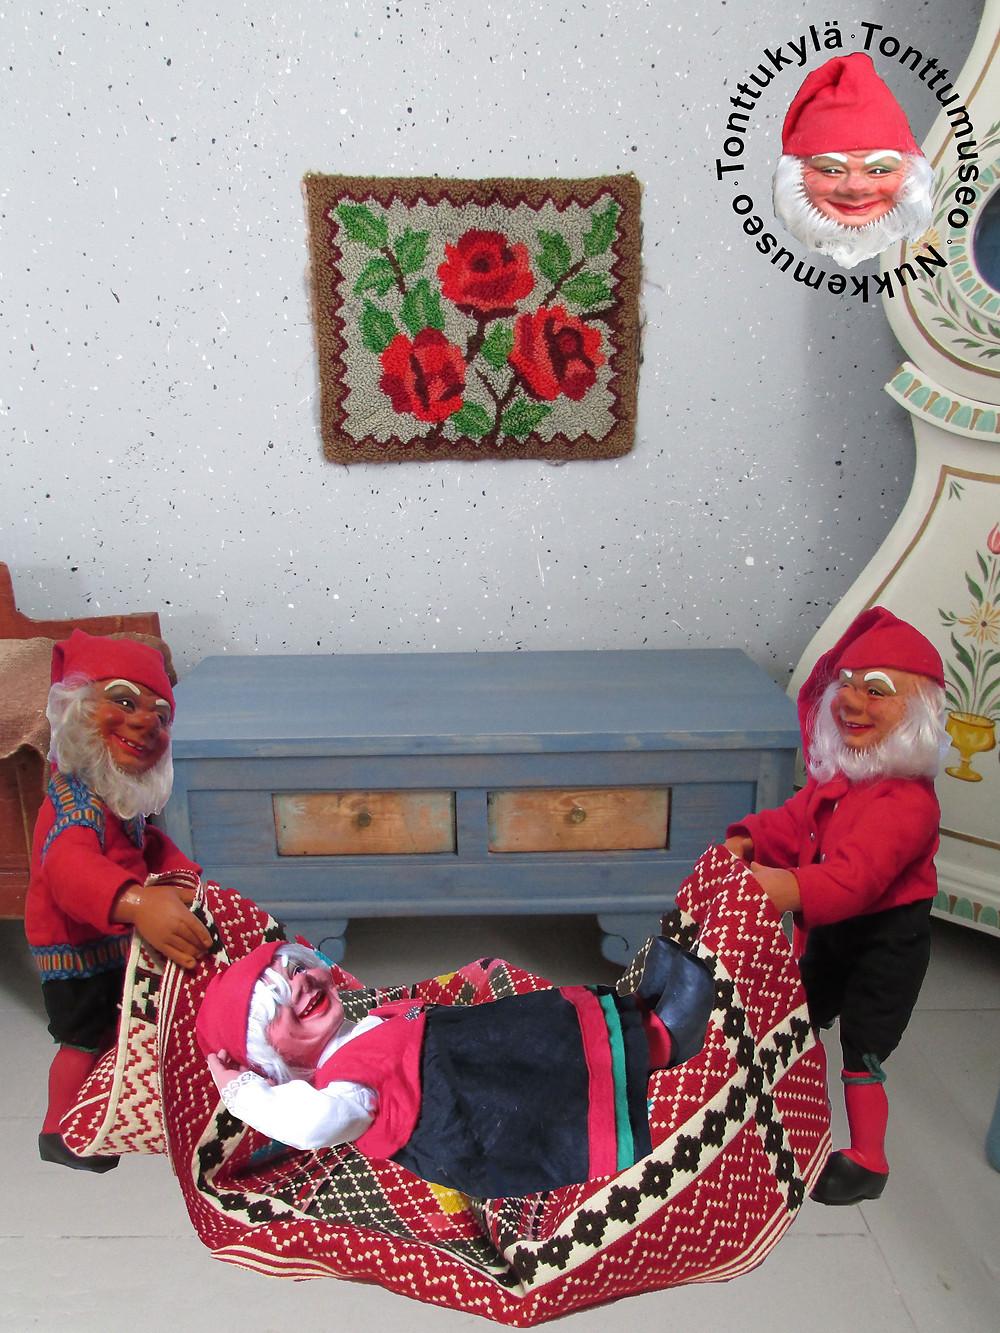 Penkki, talonpoikaishuonekalu, talonpoikaistalo, sininenpenkki, joulukoriste, tonttumuori, joulutonttu, tonttu, roiskemaalaus, vanha tekstiili